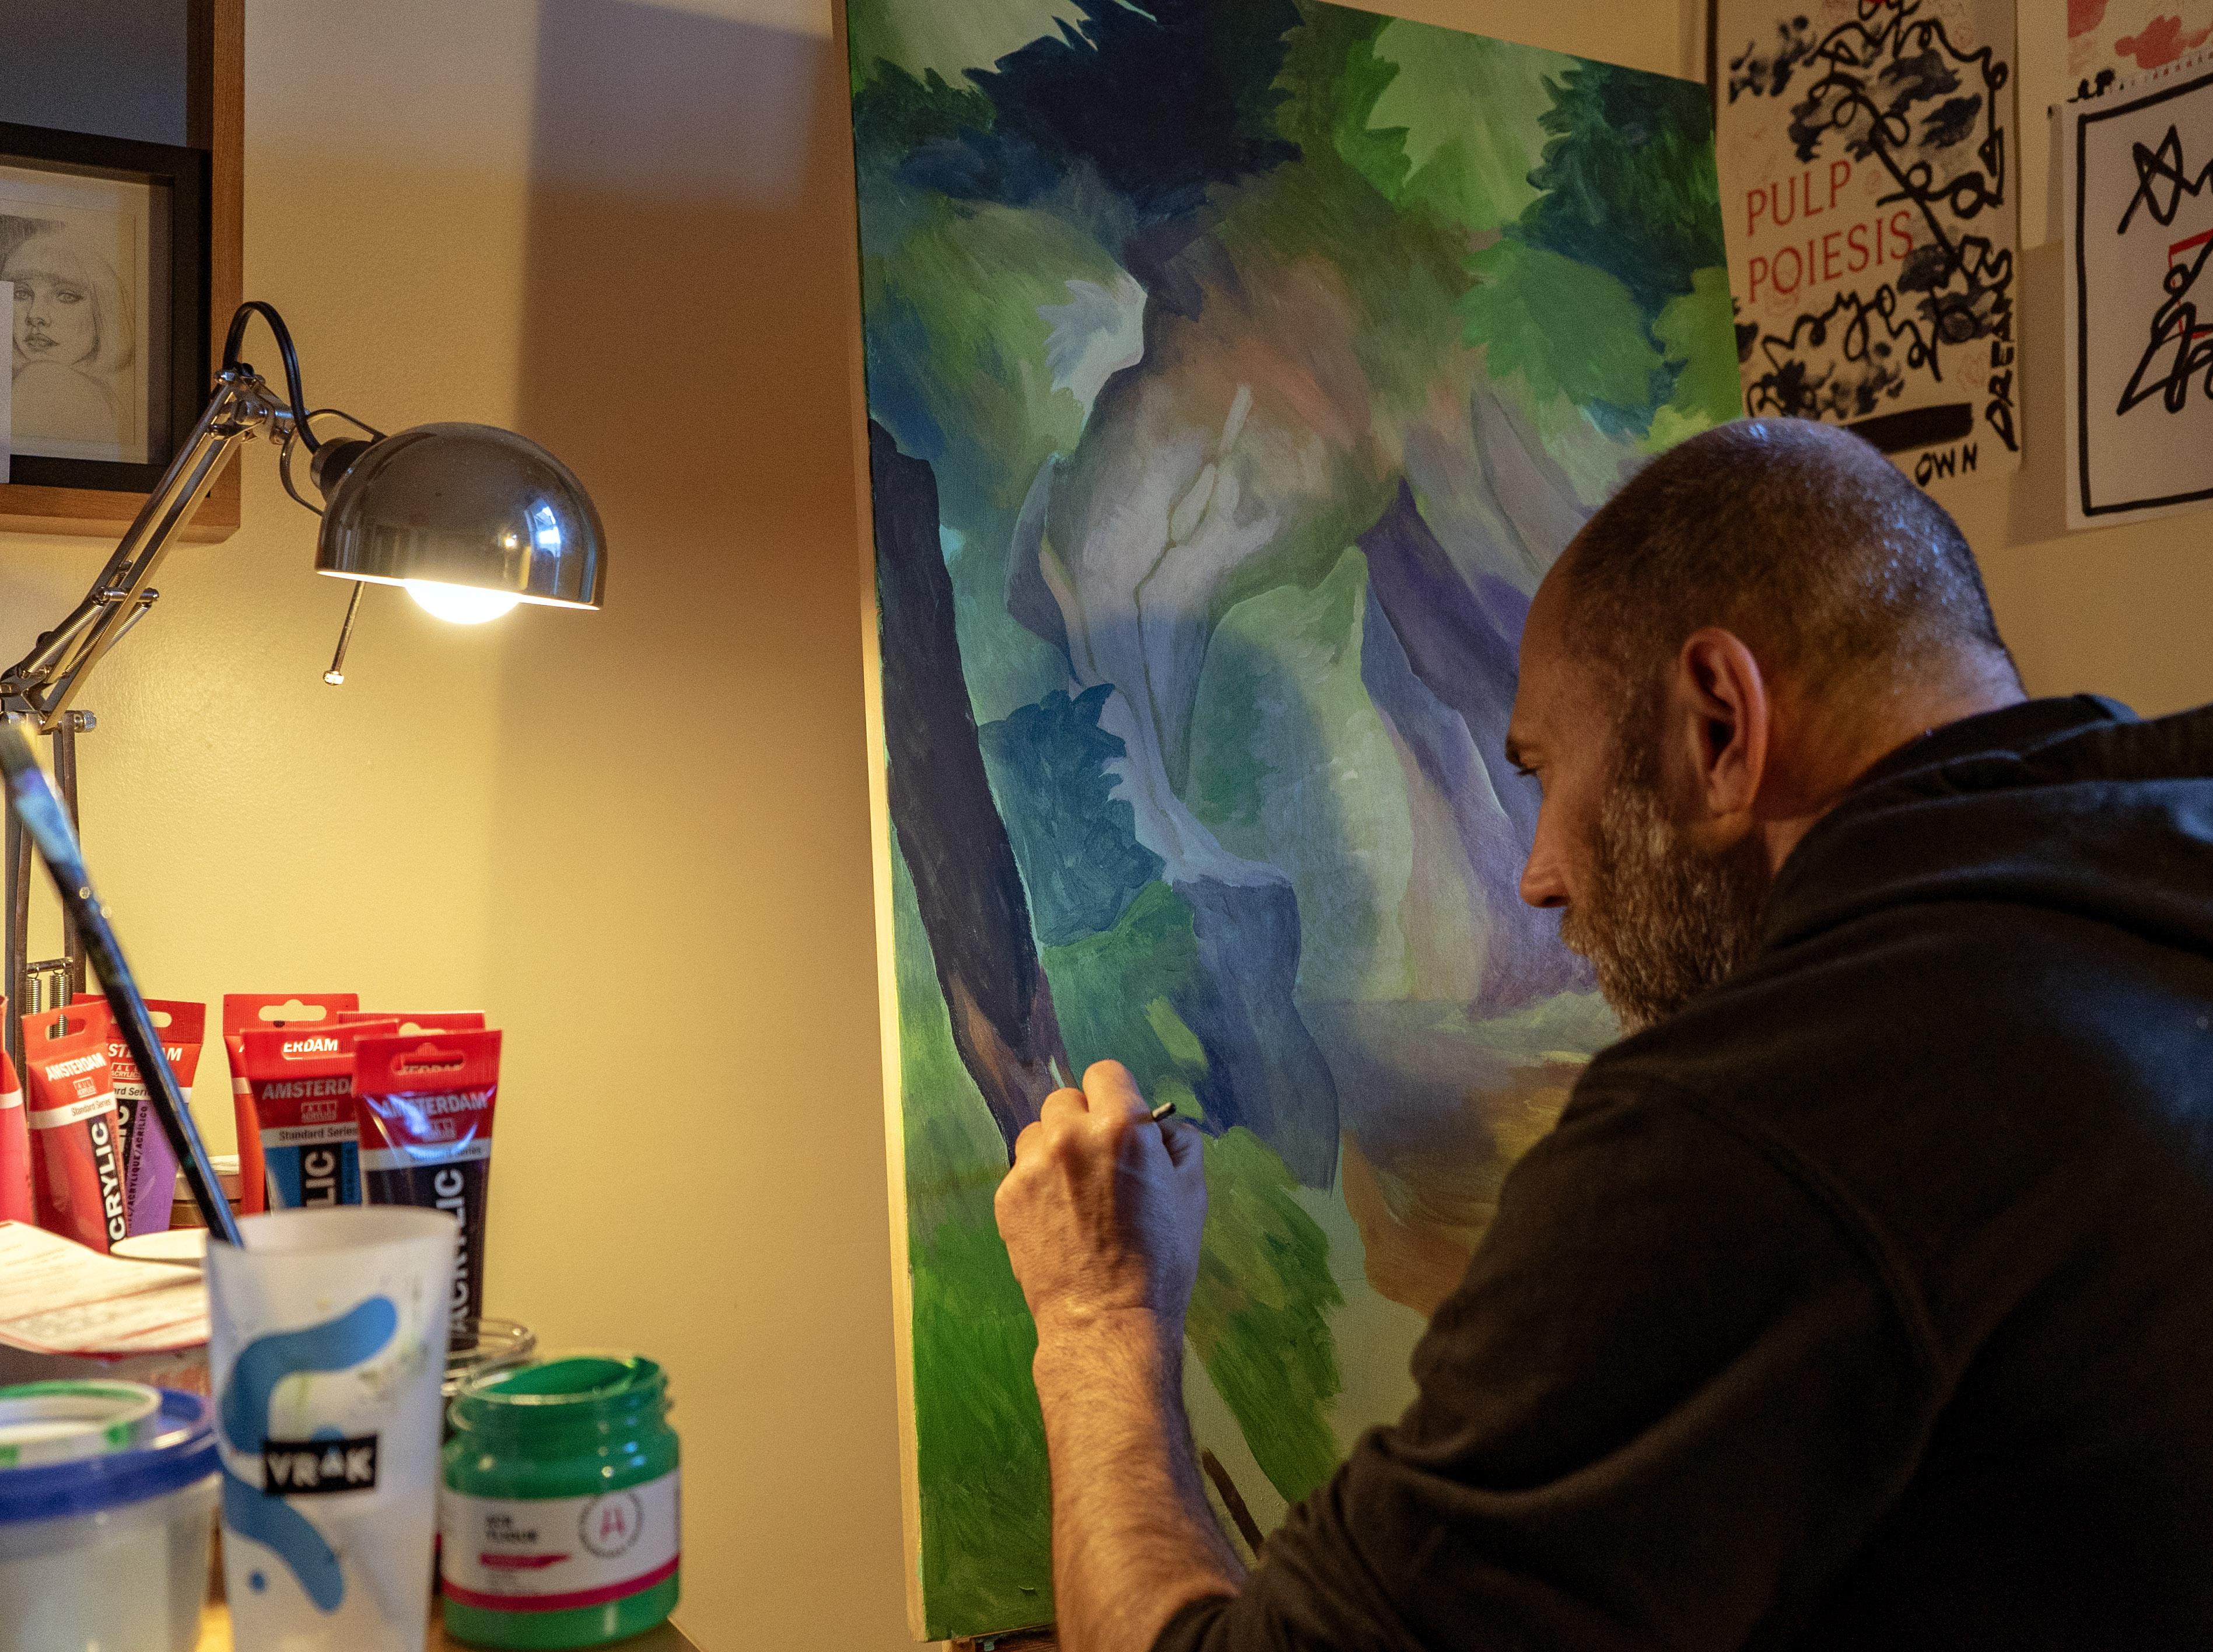 Les artistes Ankhone et Dodo Osé ont hâte de sortir du confinement pour pratiquer leur métier, l'art mural.